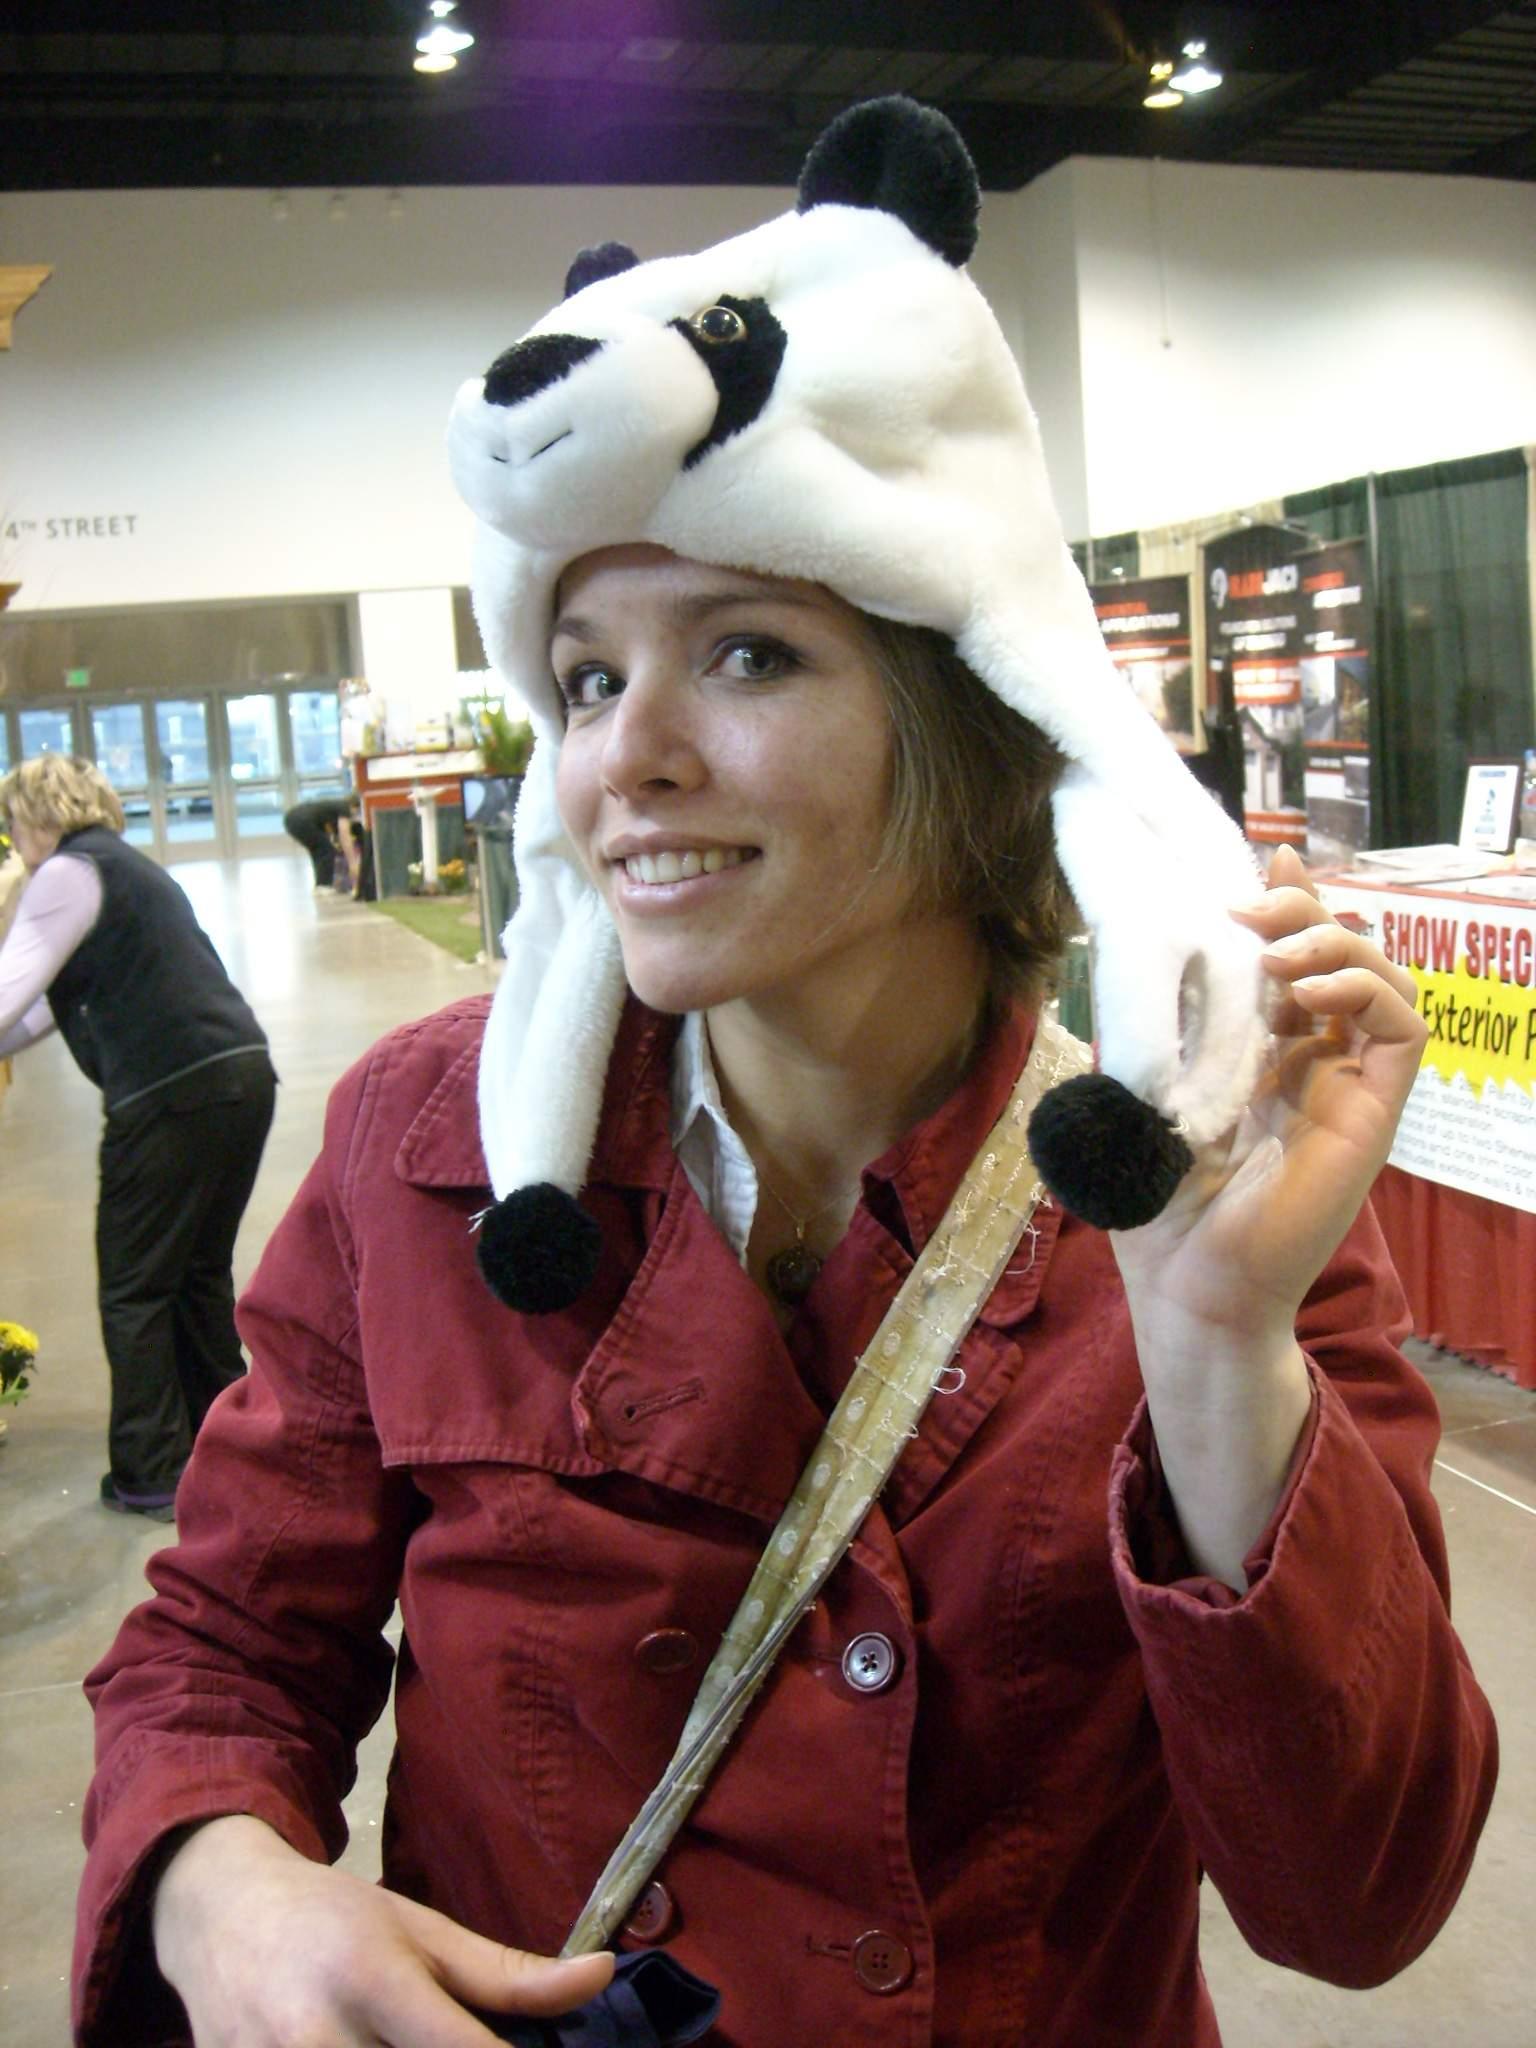 Leah Sporting The Panda Look.